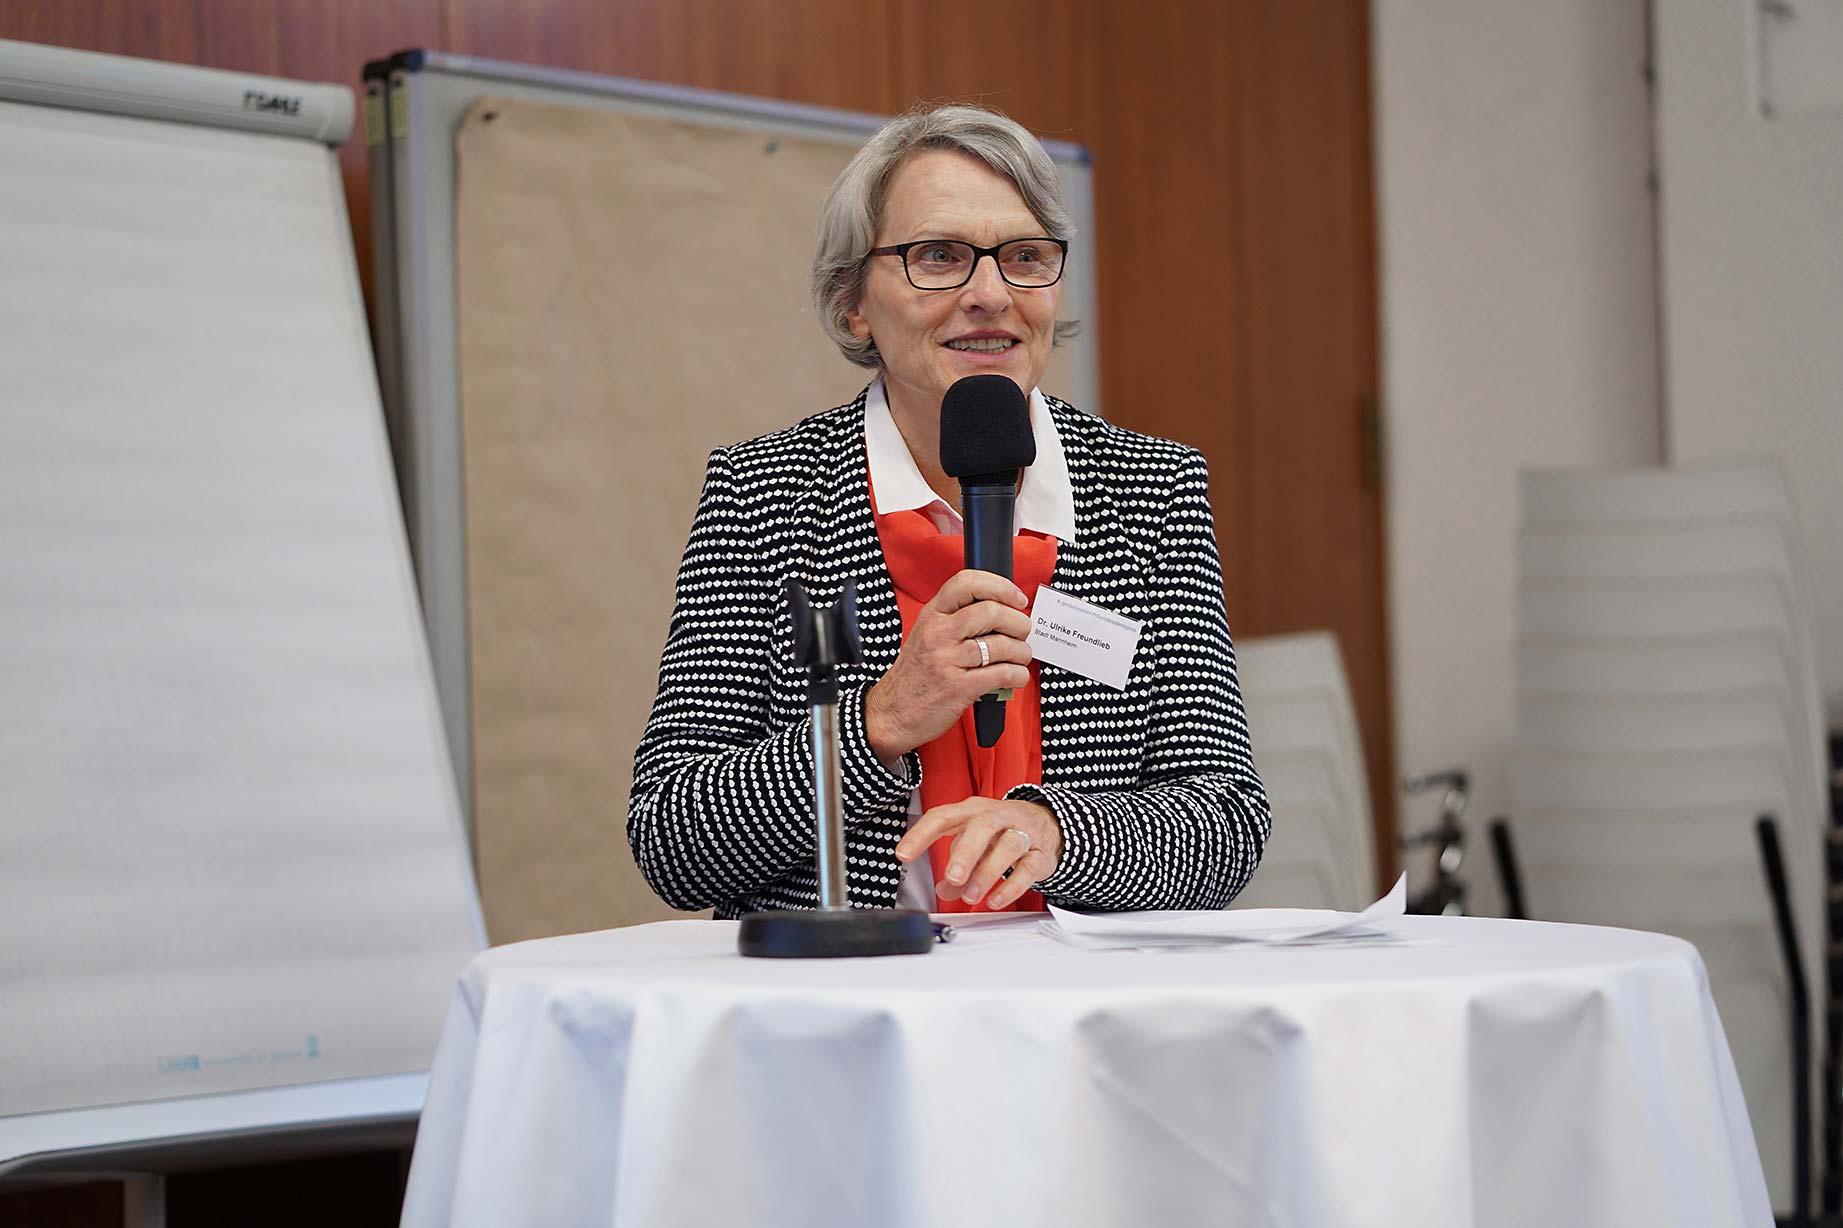 Dr. Ulrike Freundlieb